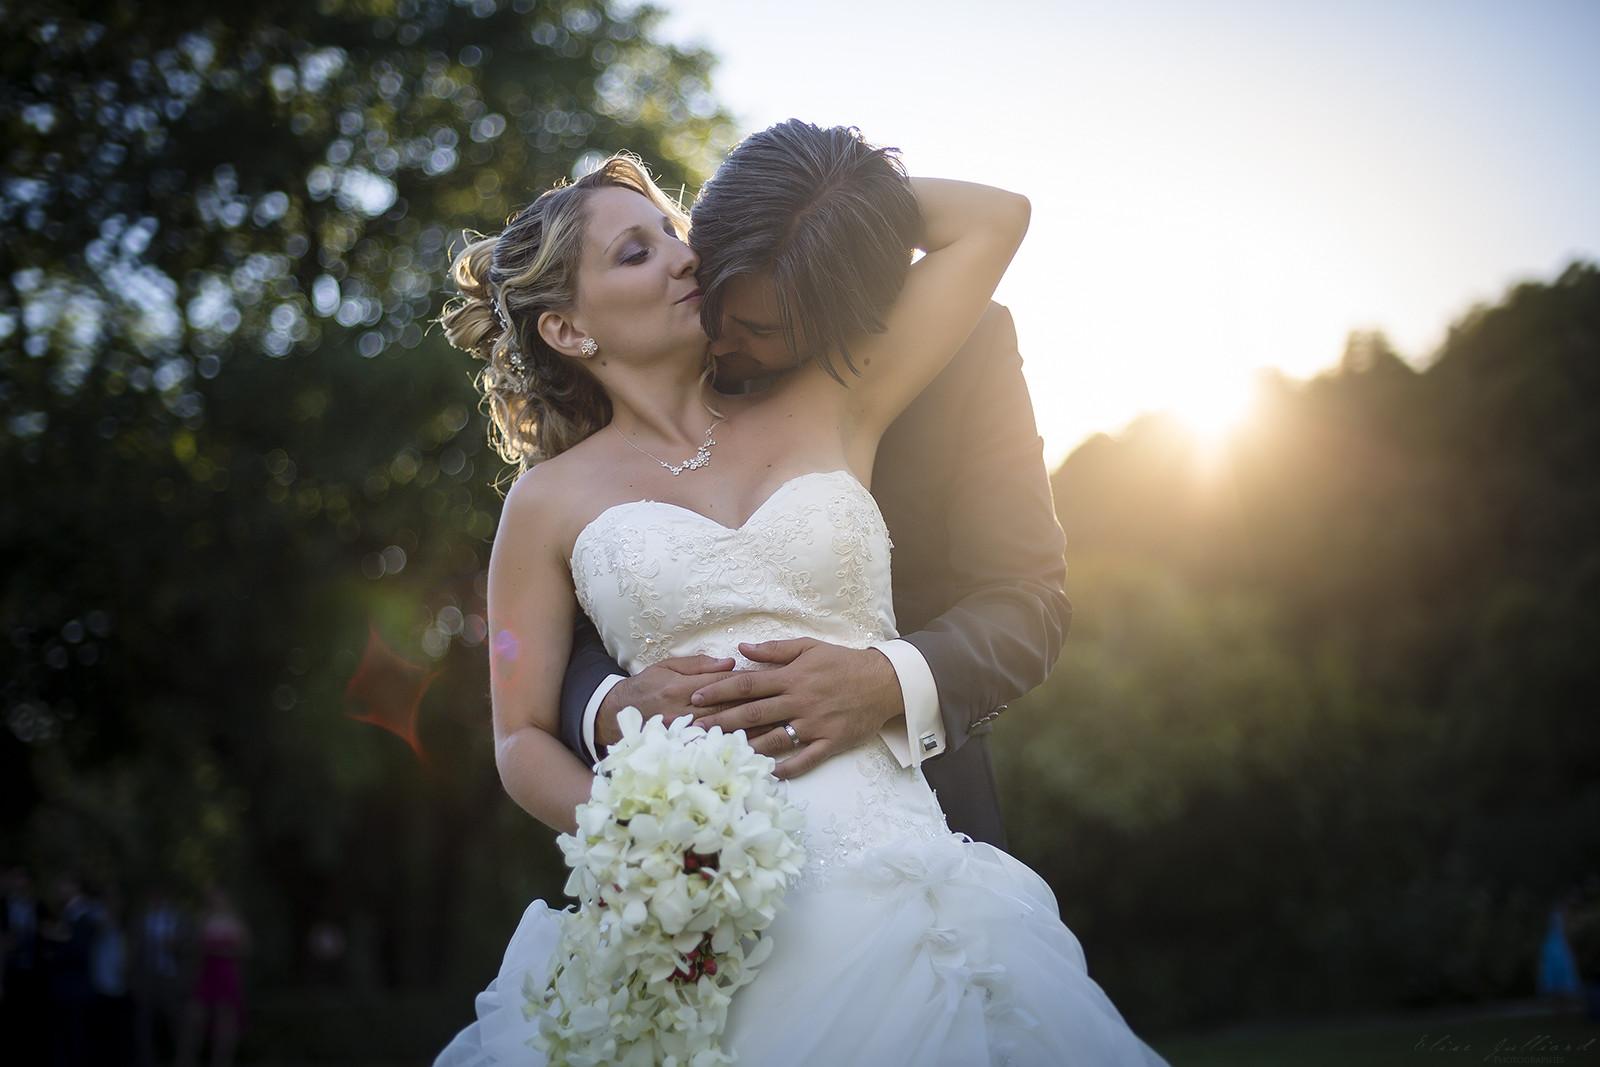 elise-julliard-photographe-lyon-rhone-alpes-mariage-wedding-amour-maries-provence-alpes-cote-dazur-seance-photo-couple-antibes-nice-2